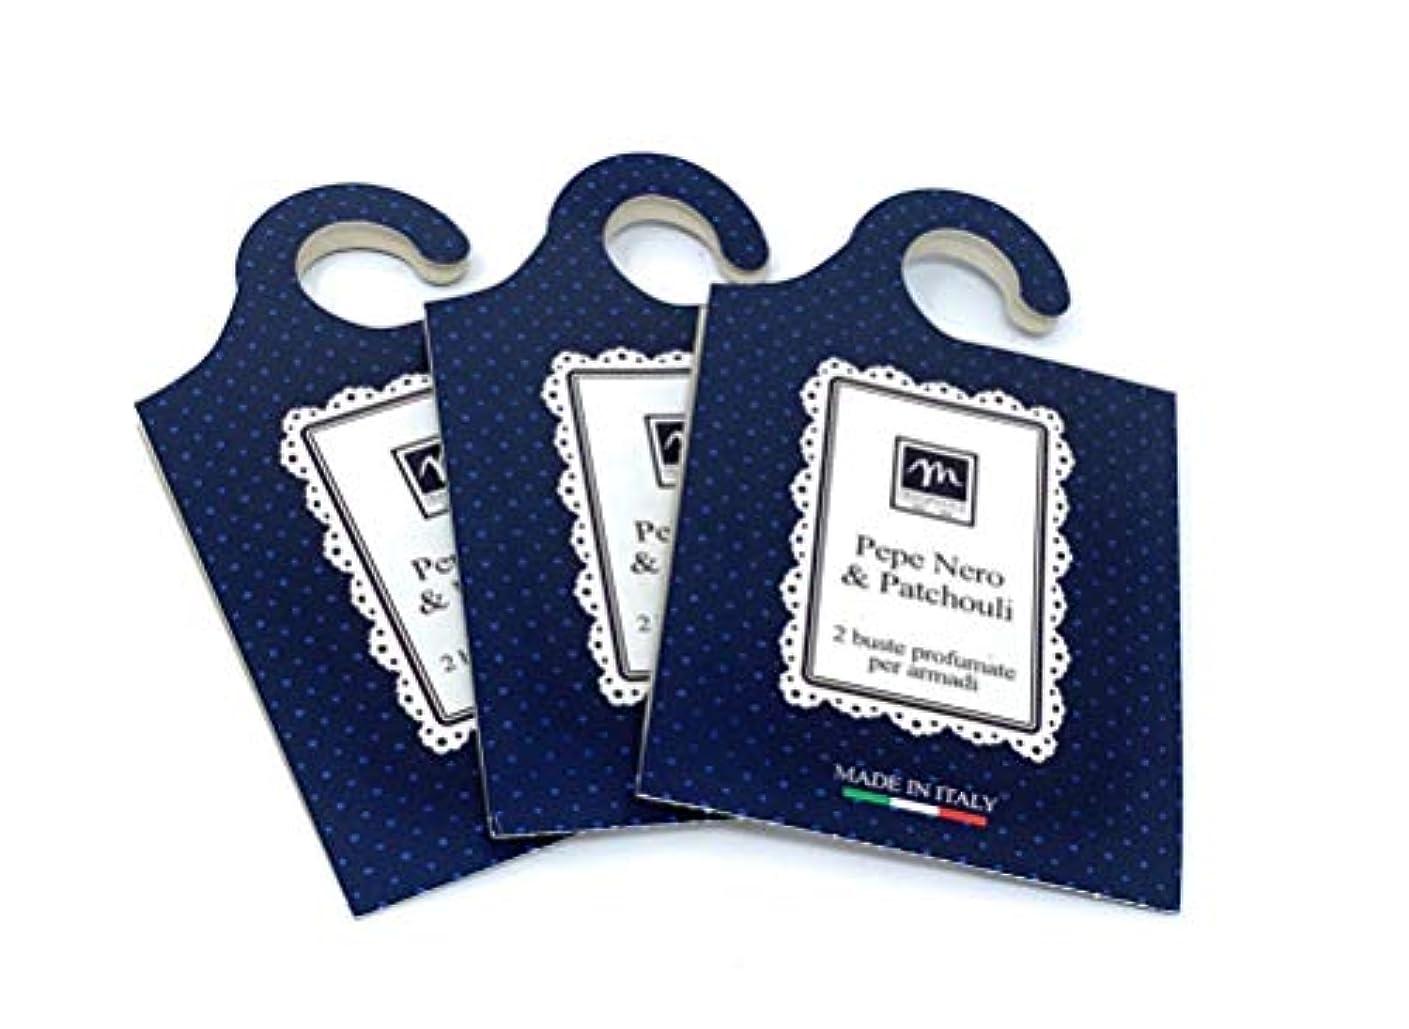 雇ったメーカーバターMERCURY ITALY 吊り下げるサシェ(香り袋) MAISON イタリア製 ペパー&パチョリの香り/Pepe Nero & Patchouli 2枚入り×3パック [並行輸入品]